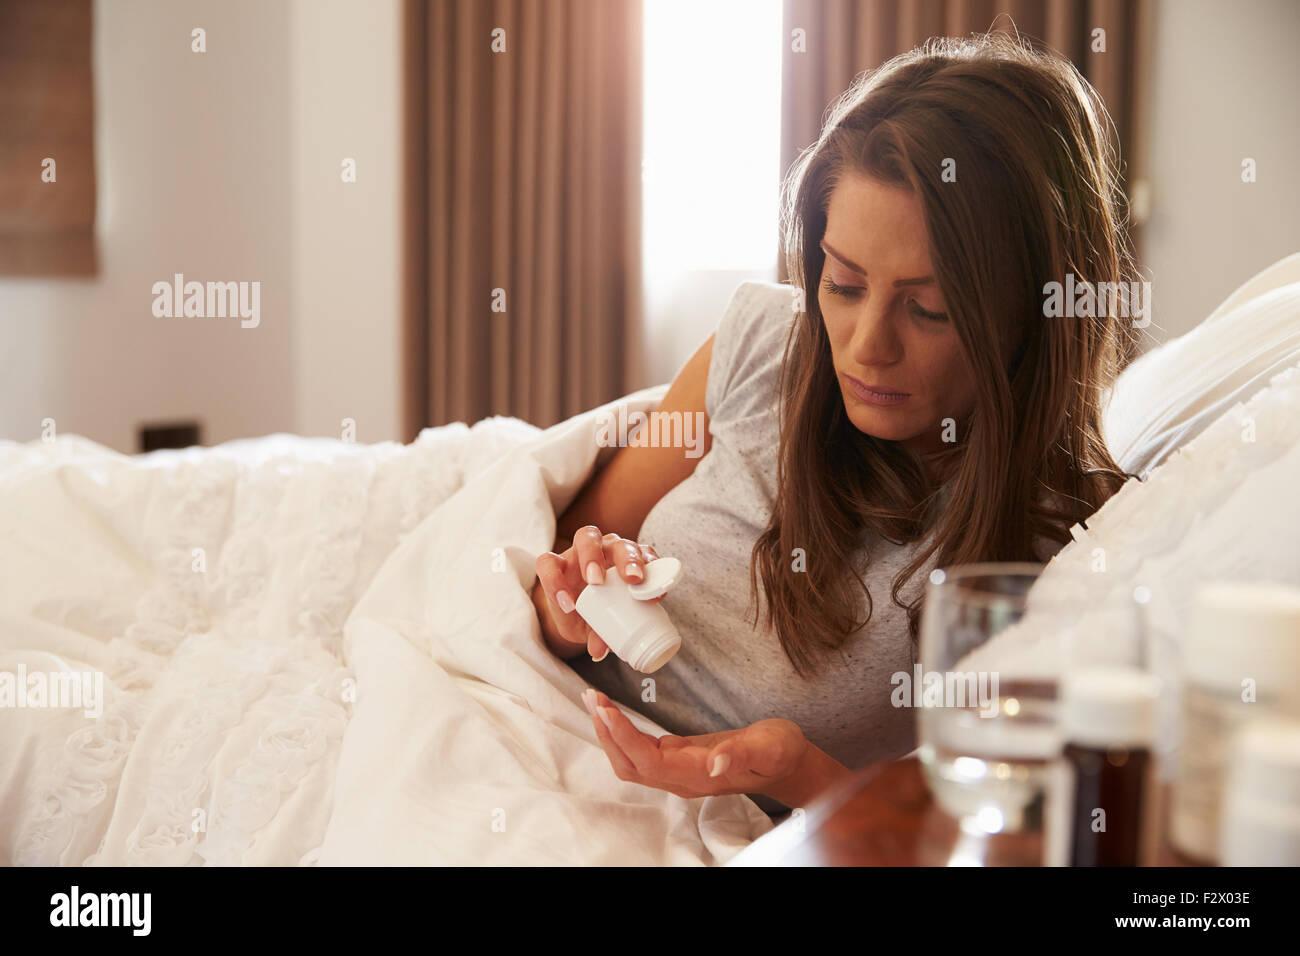 Femme de prendre des médicaments à partir de conteneurs sur Table de chevet Photo Stock